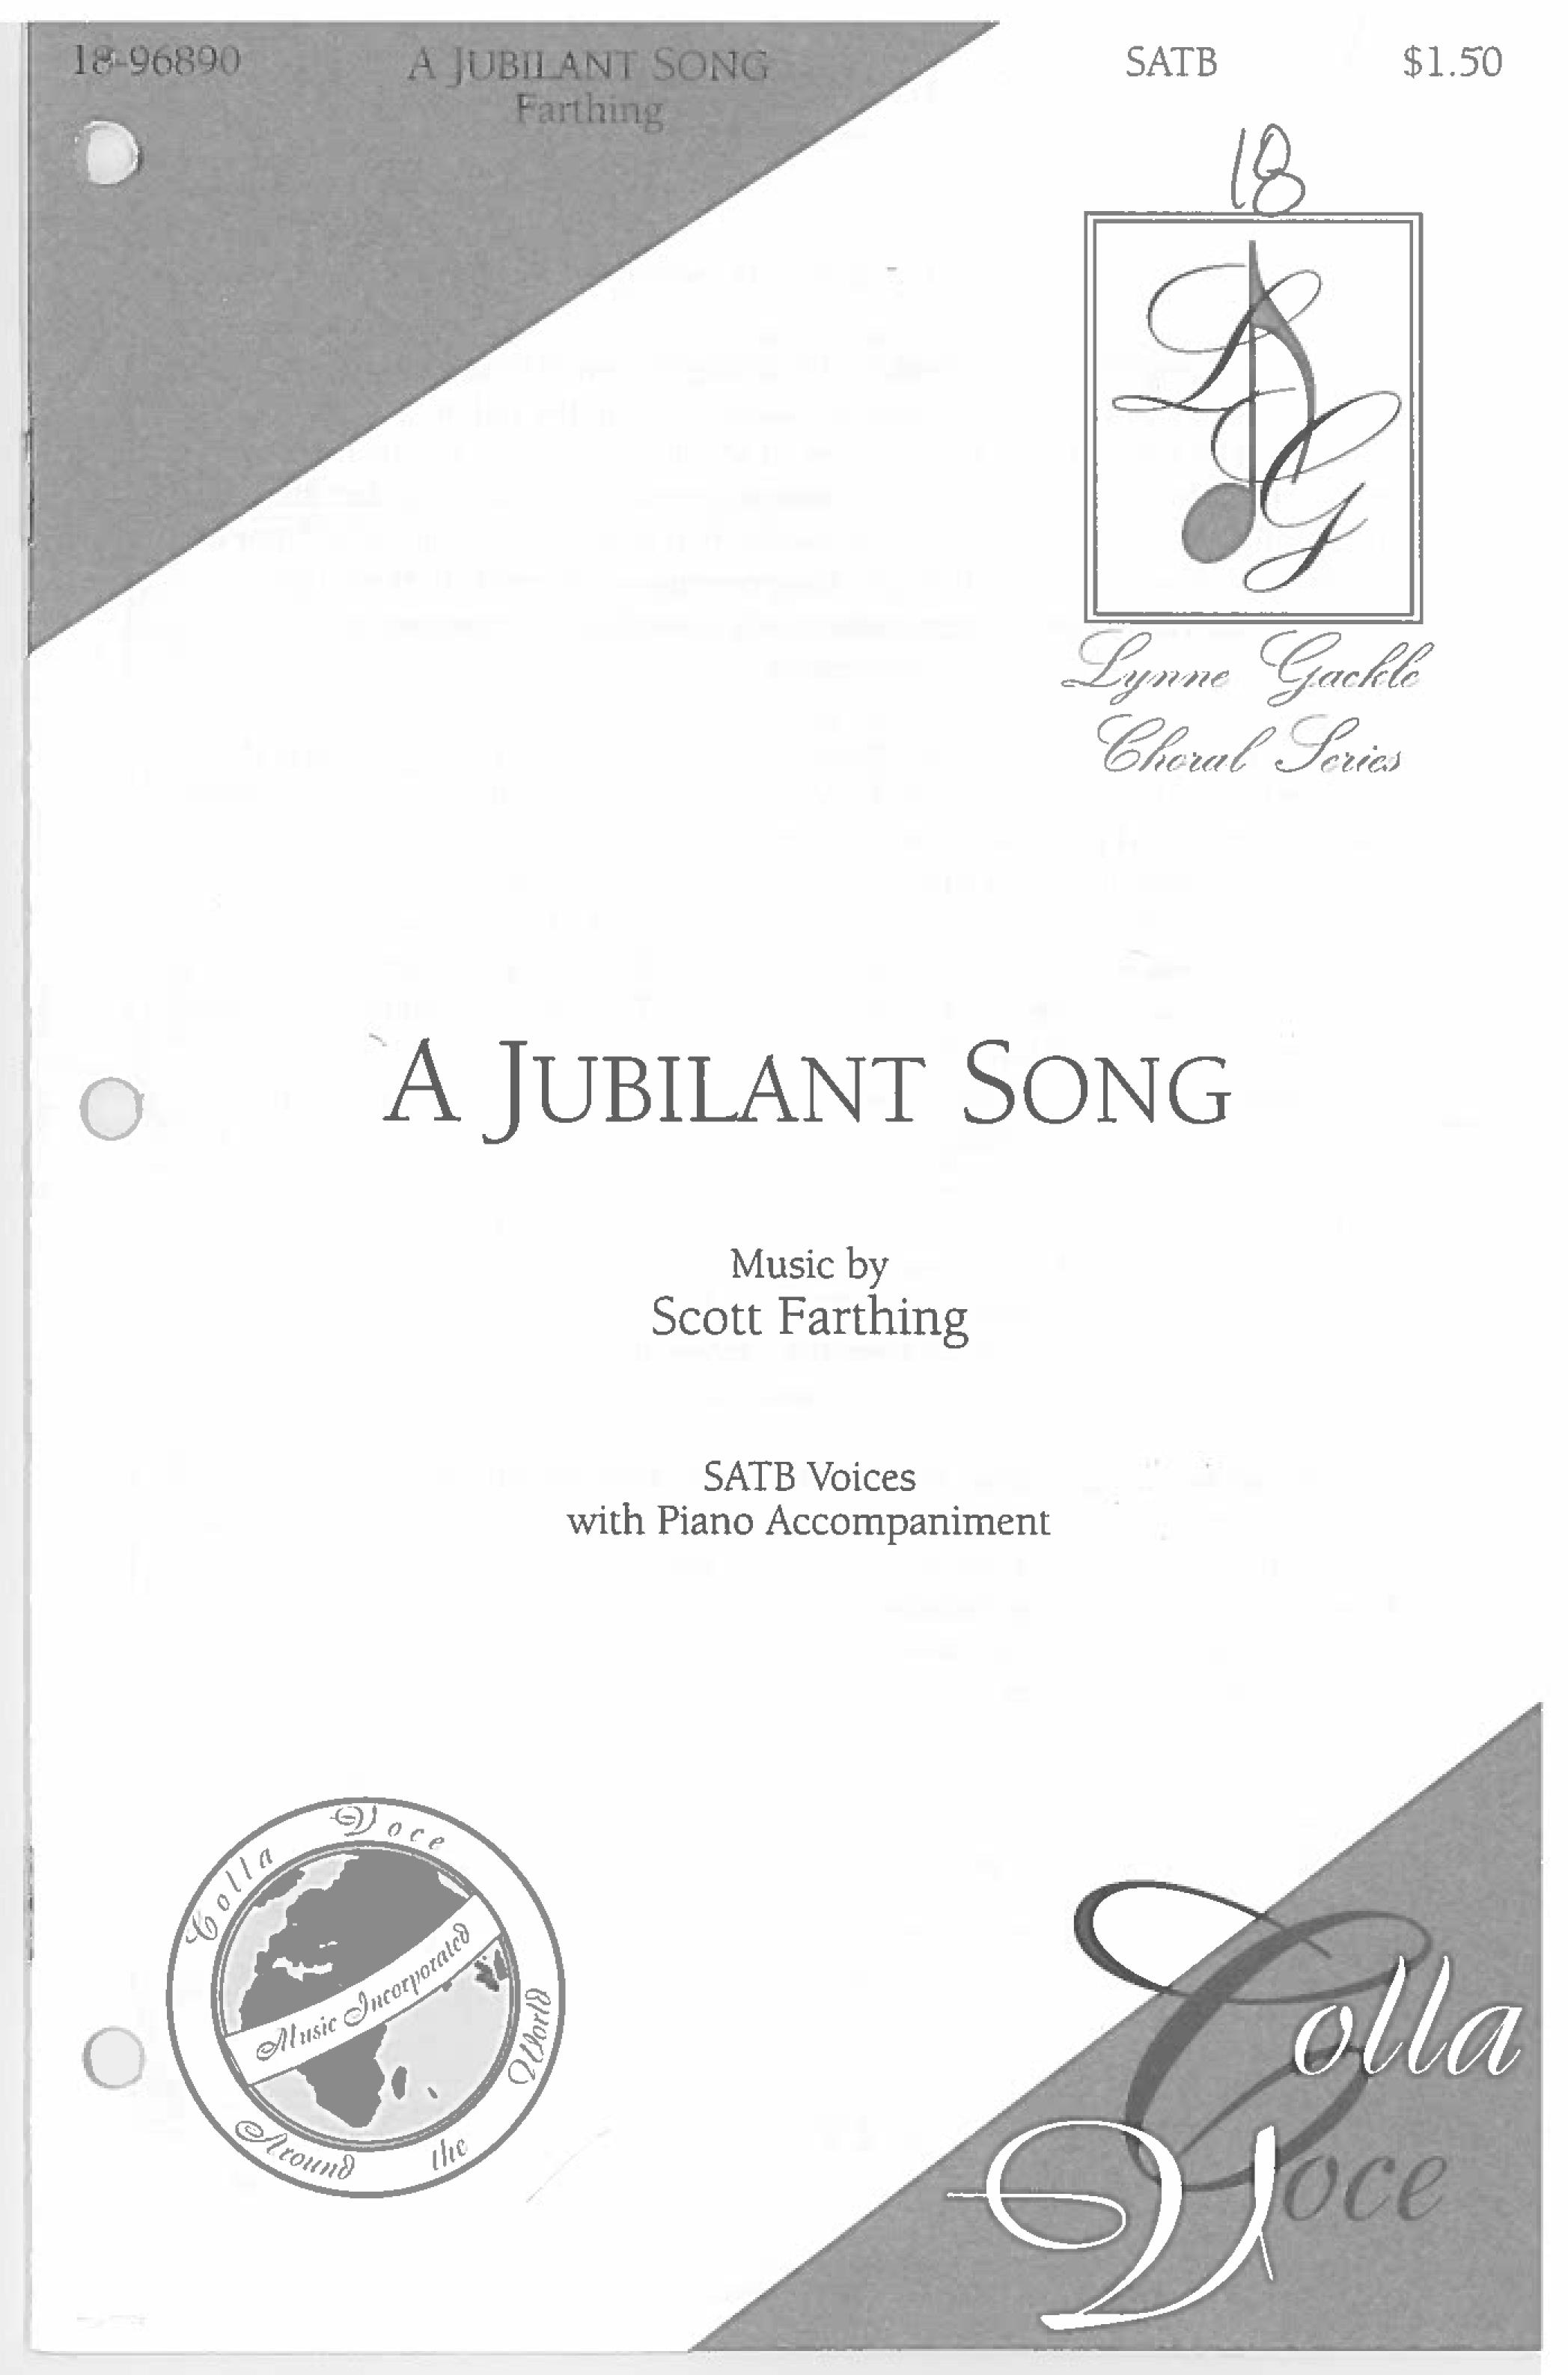 Jubilant Song